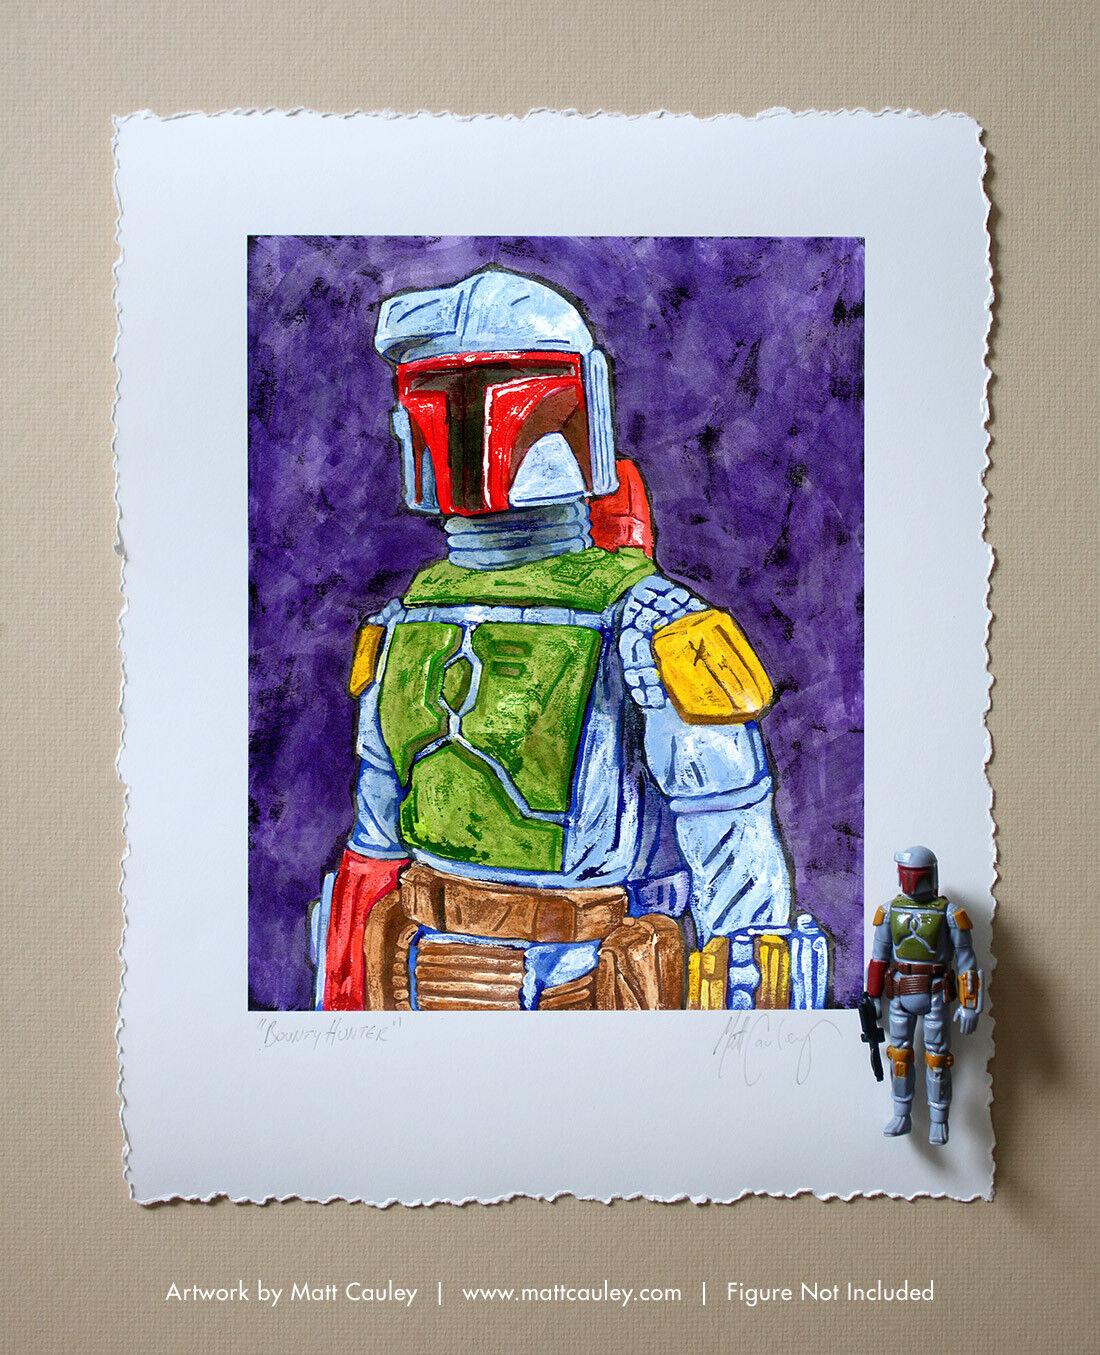 BOBA FETT Vintage Kenner Star Wars Action Figure ORIGINAL ART PRINT 3.75